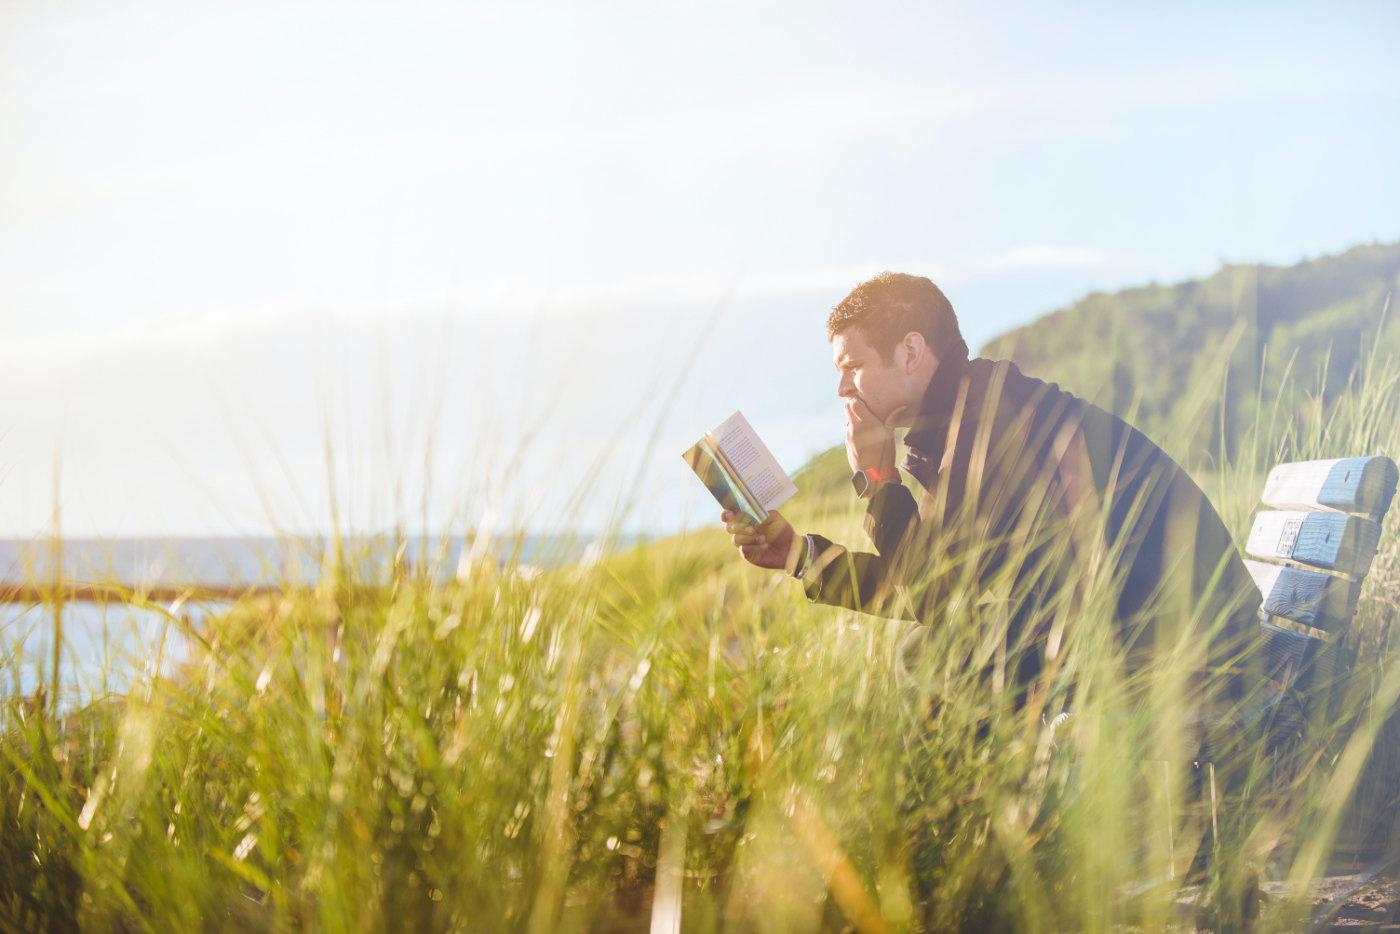 Les 3 livres qui ont changé ma vision du monde